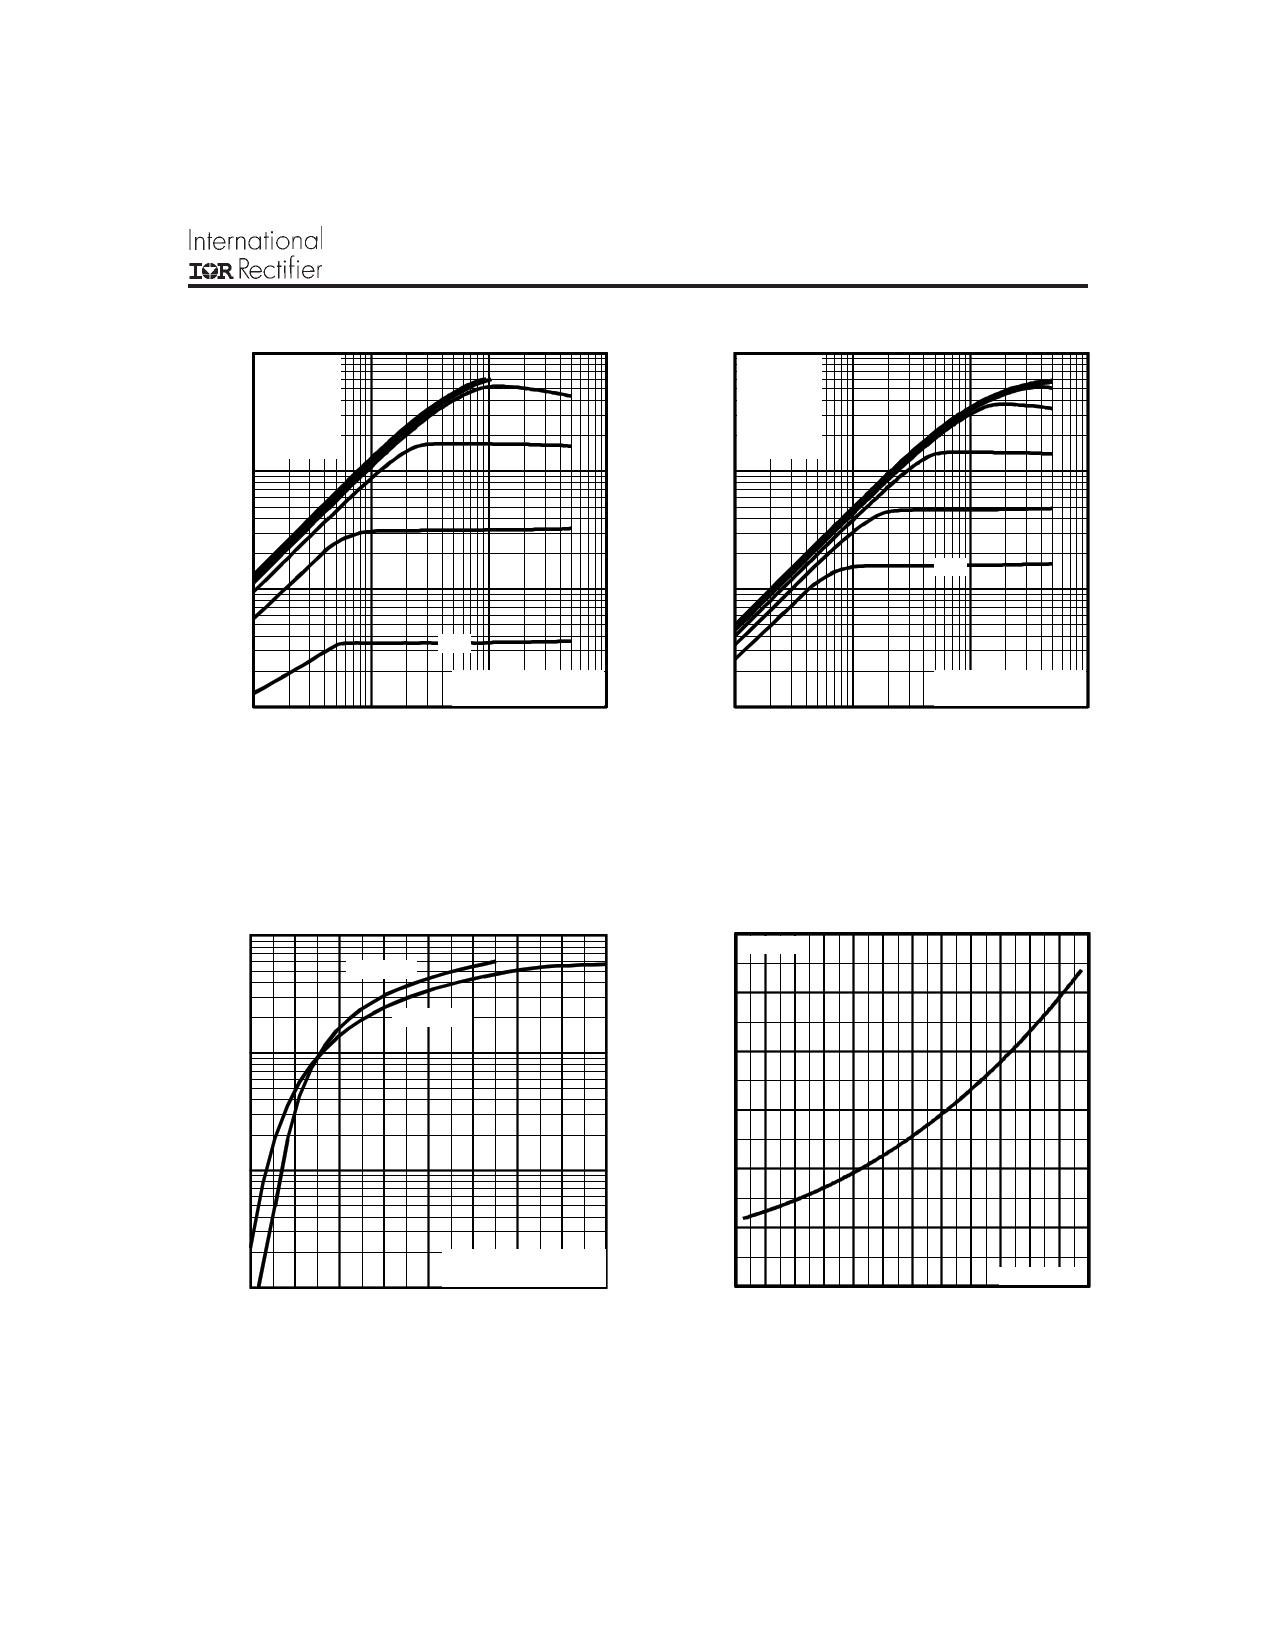 IRL530NL pdf, ピン配列